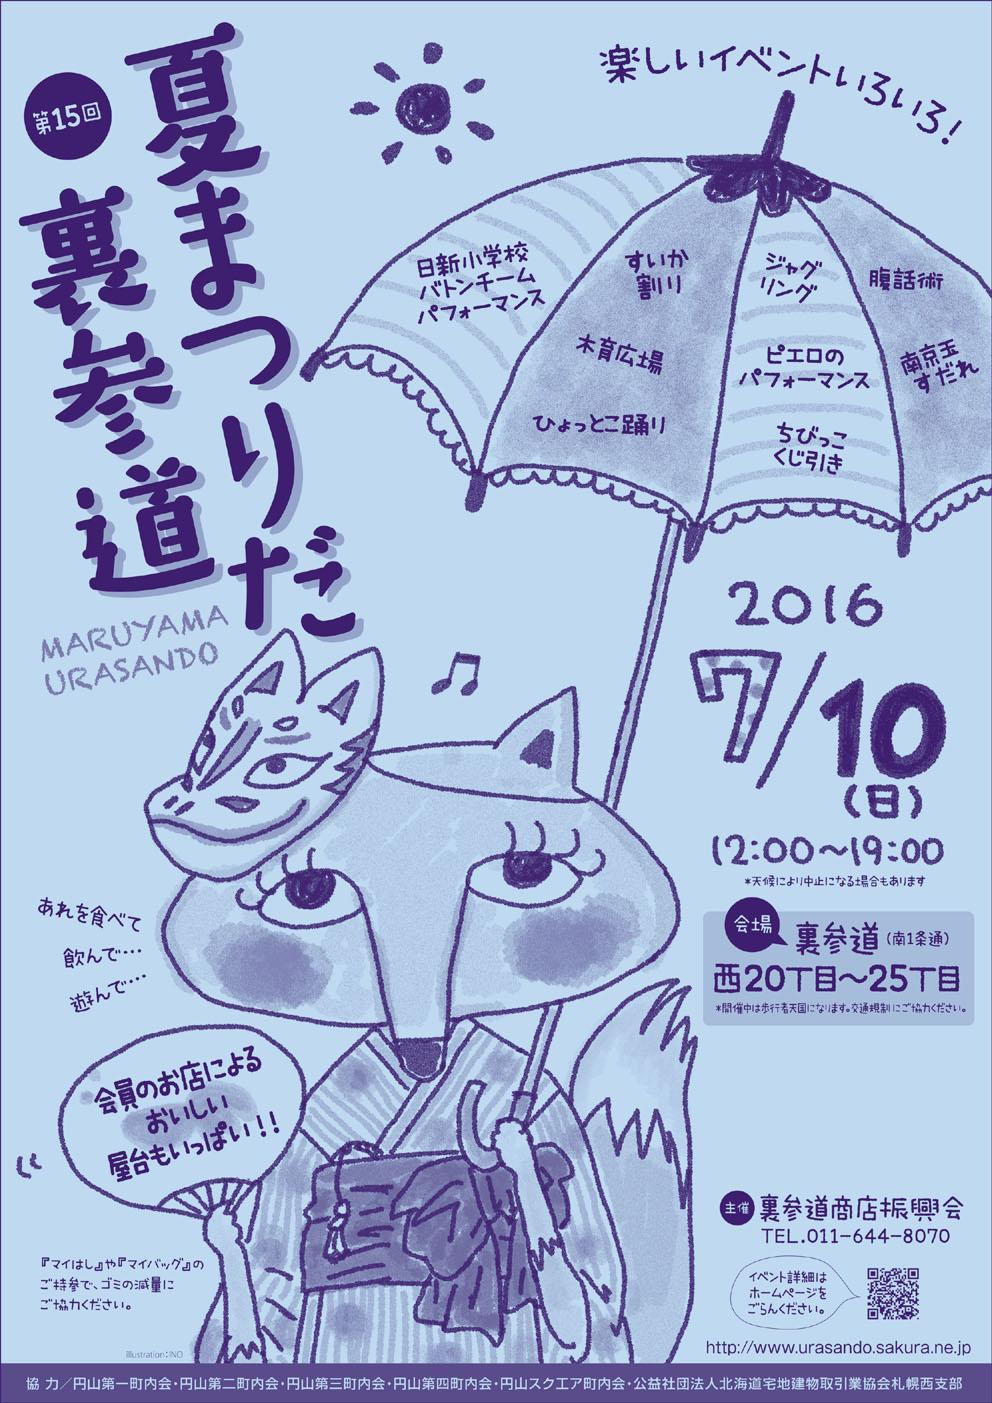 イベント出店のお知らせ「第15回夏まつりだ裏参道」